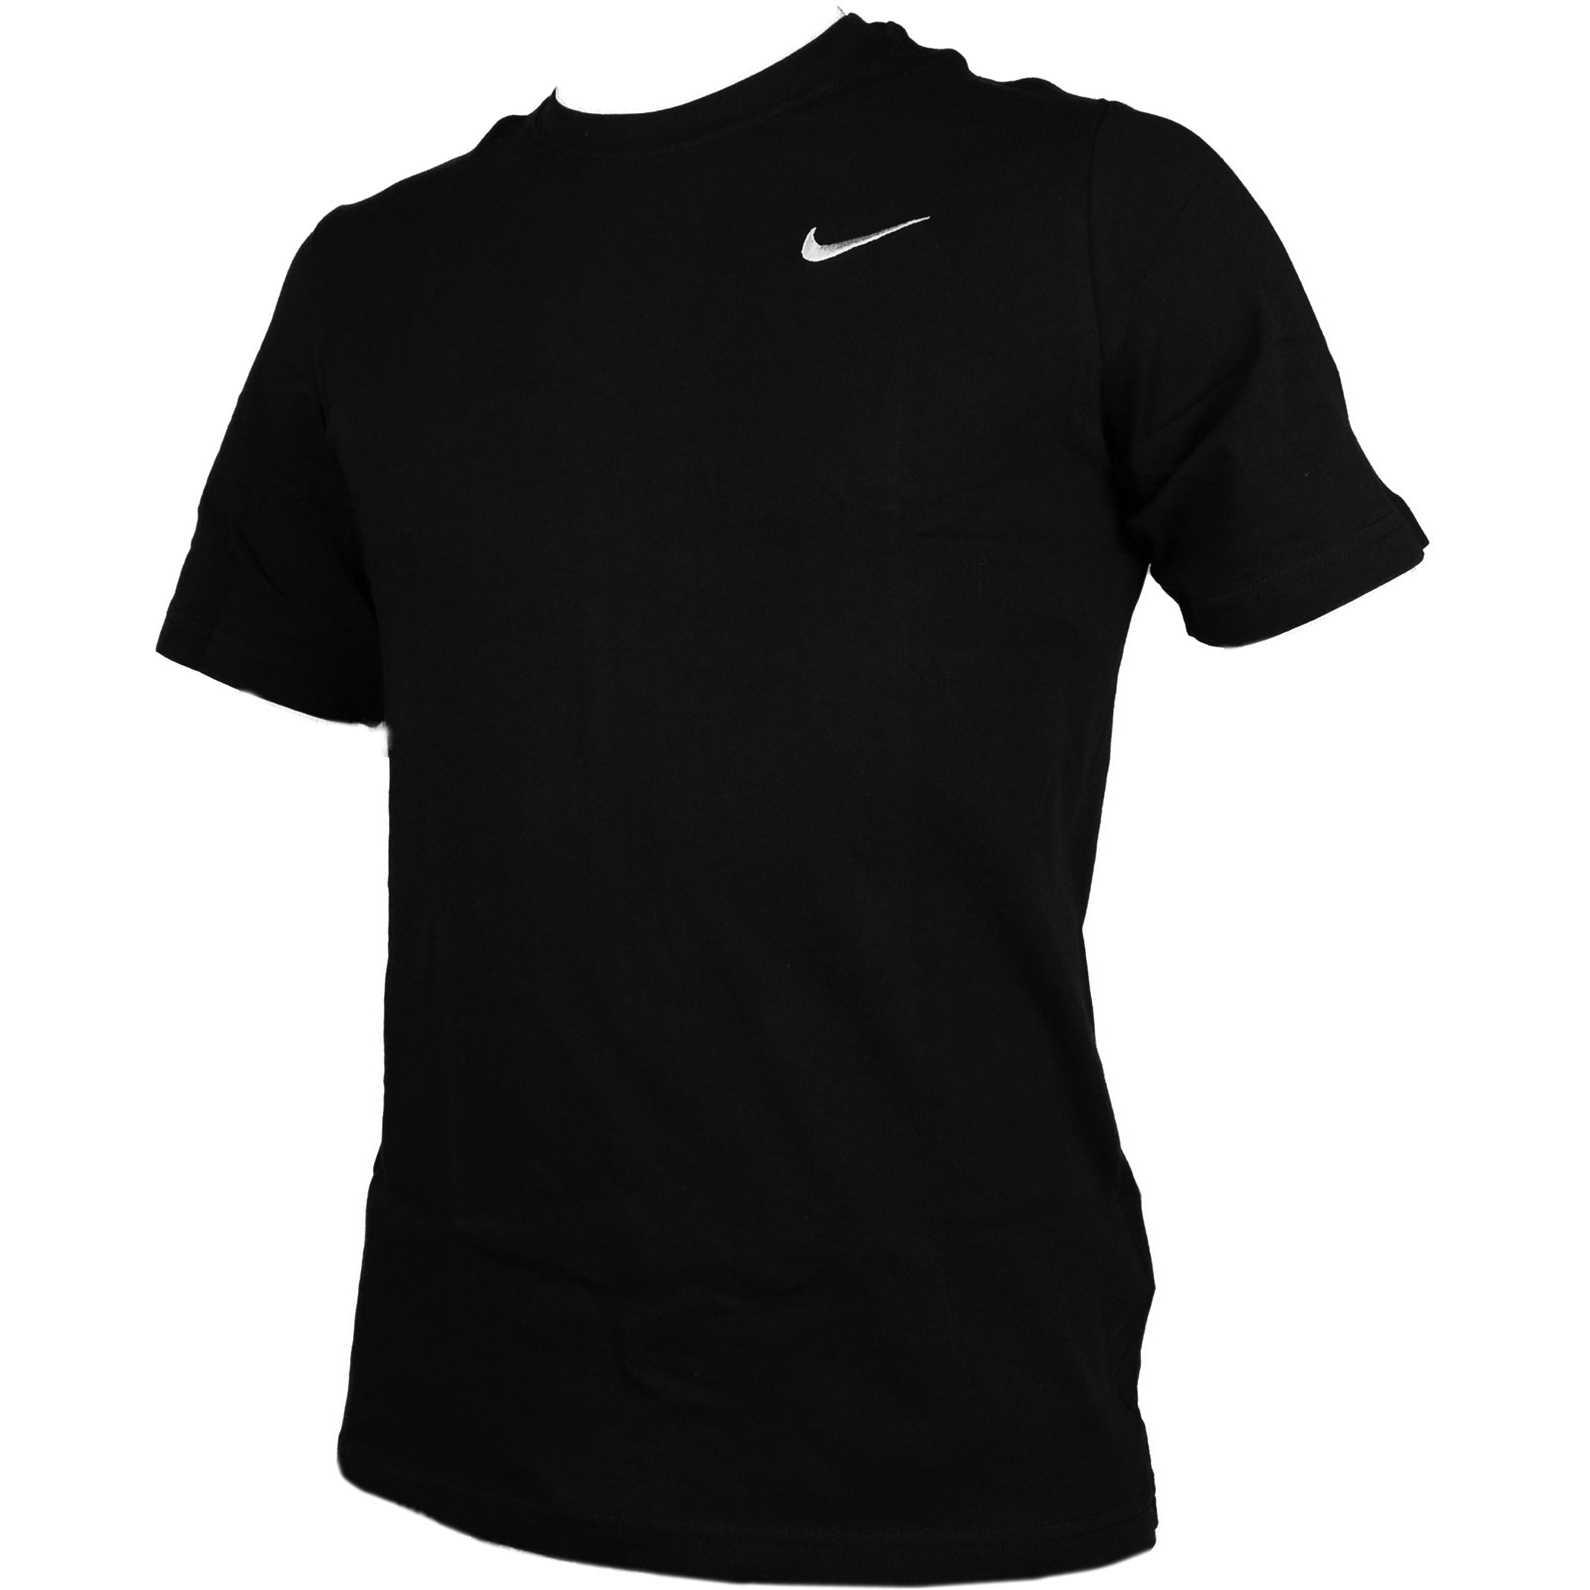 Tricou copii Nike Swoosh Tee Yth 451671-010